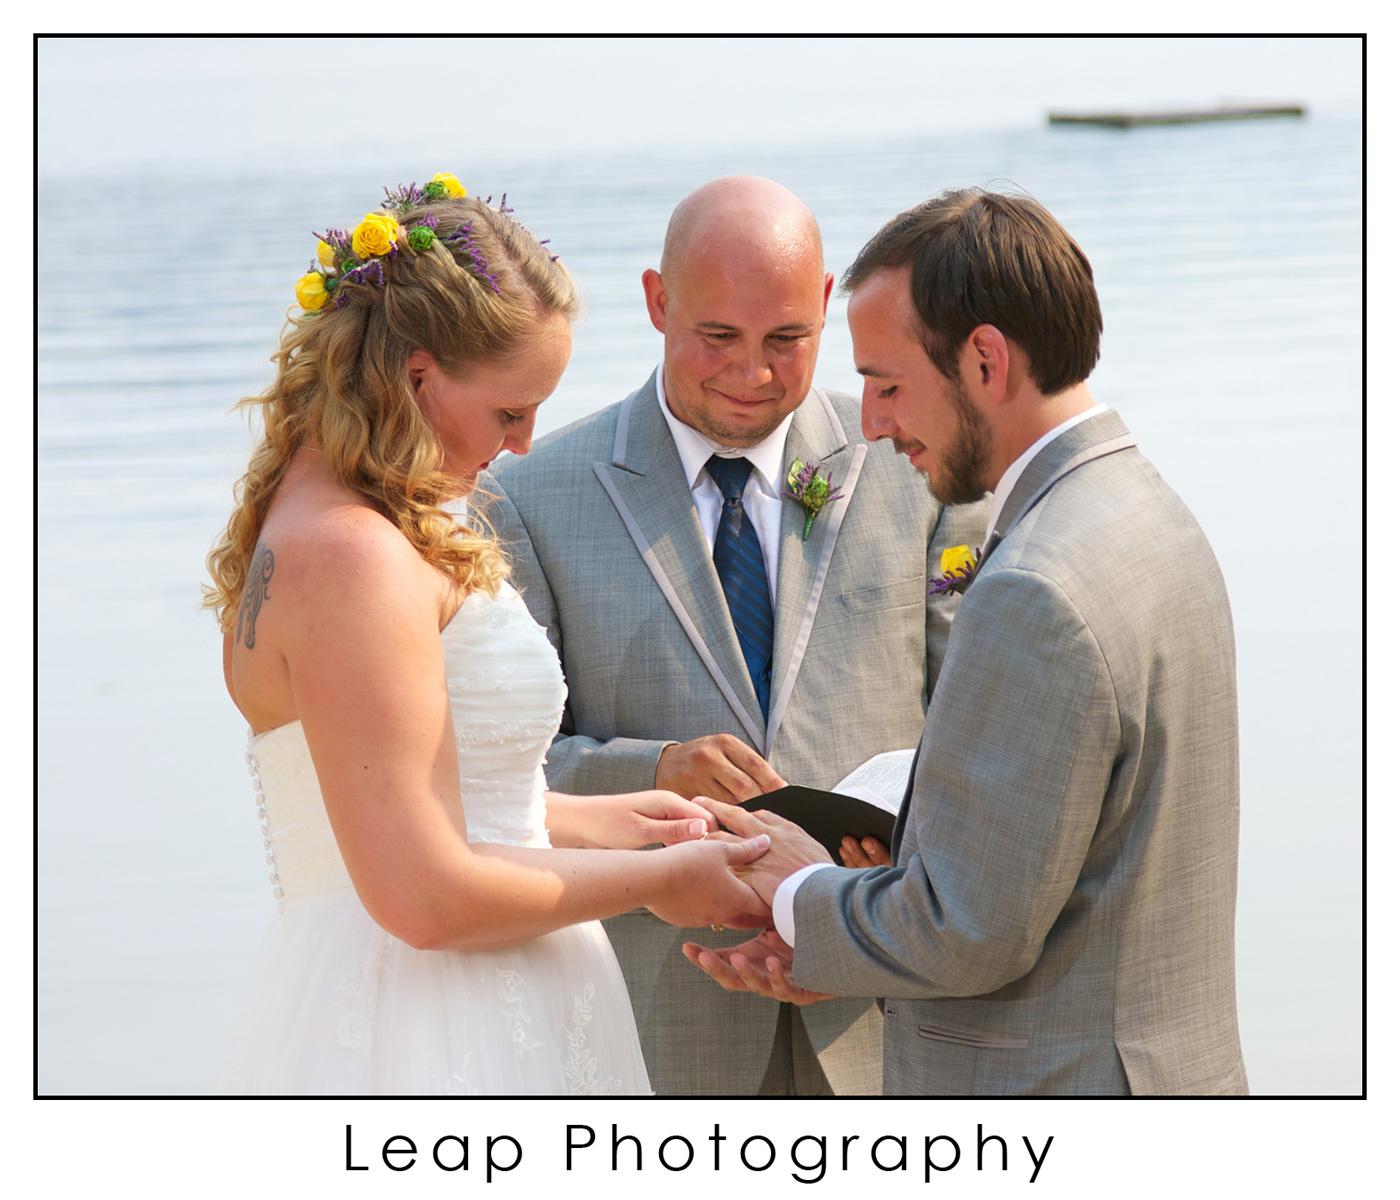 Boise_Idaho_Wedding-Photographers_Warm-Lake_007